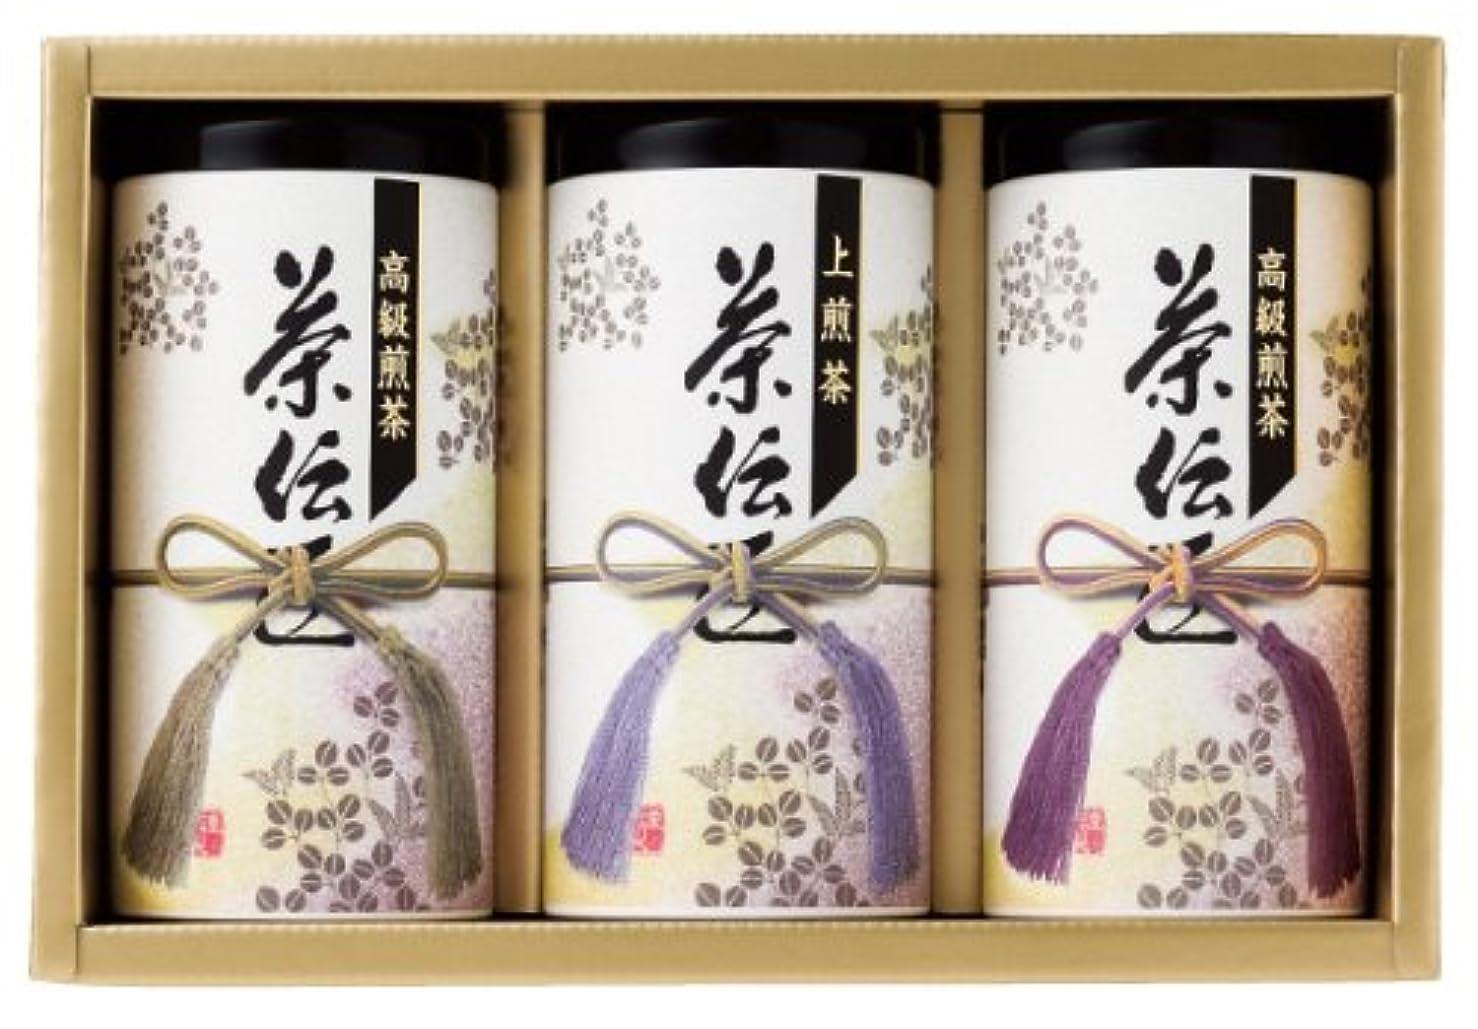 震える乳製品カレッジ八女茶詰合せ HYK-40